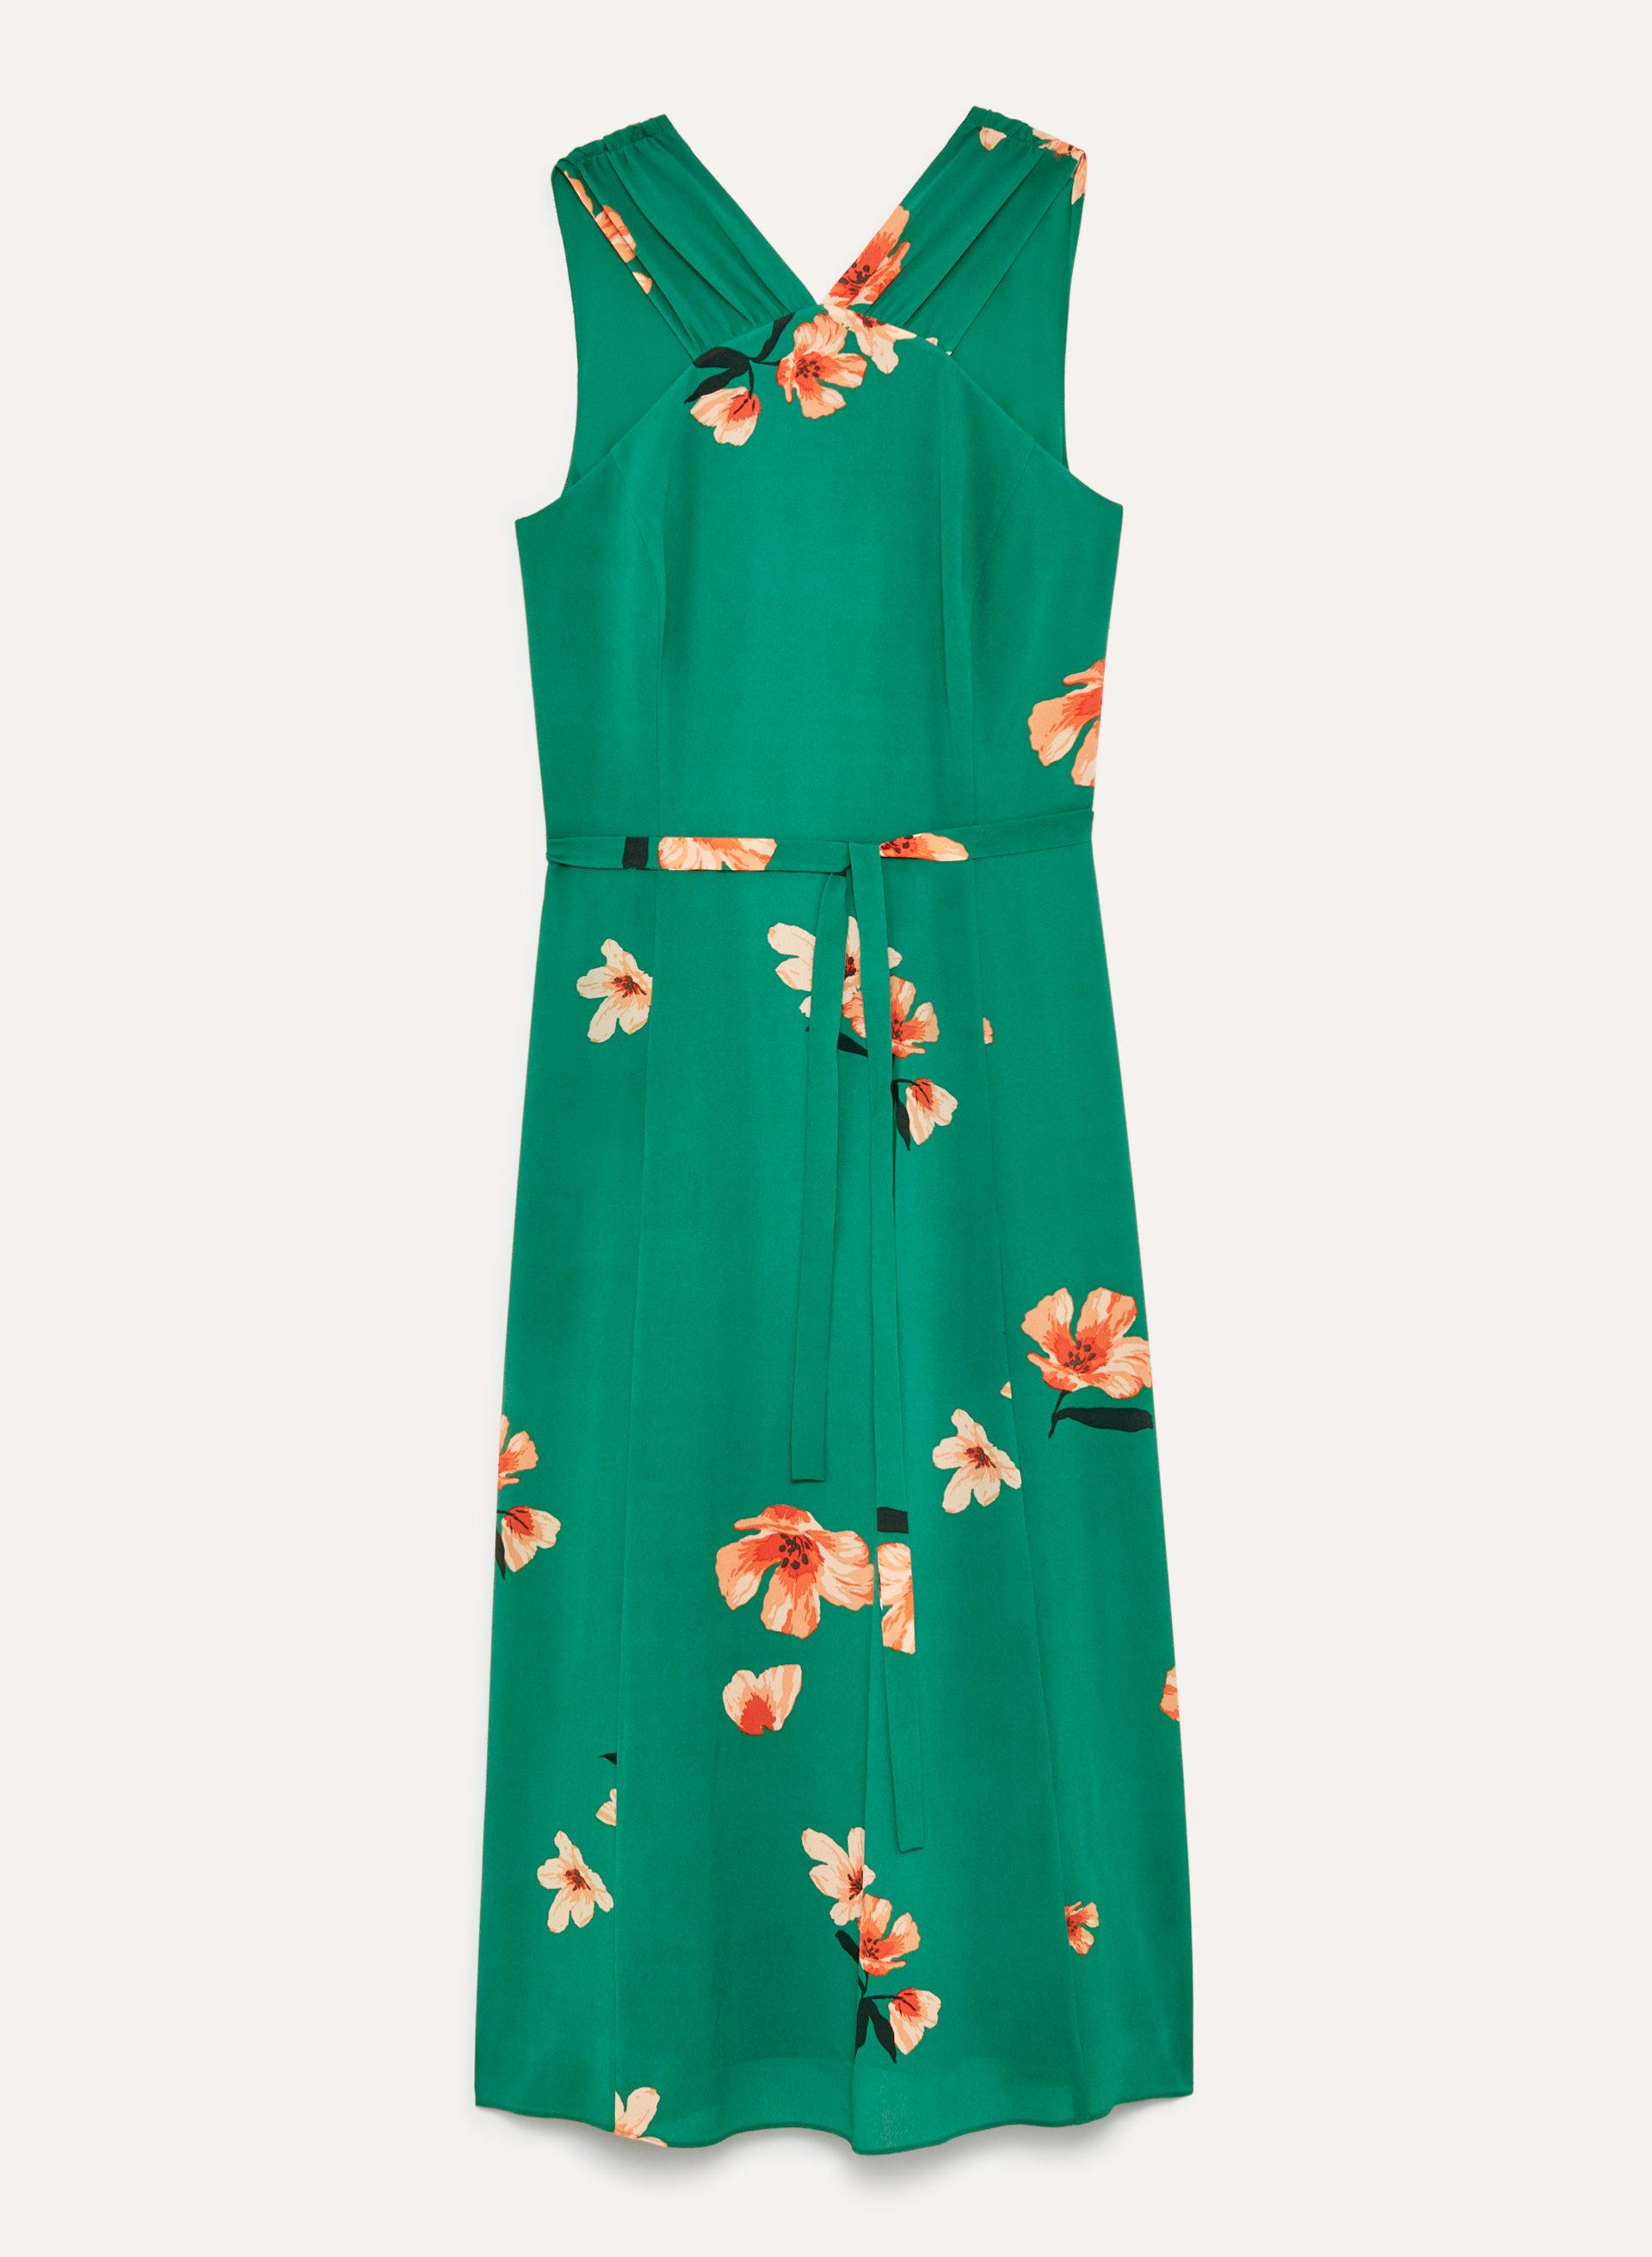 ... Wilfred AUBERT DRESS | Aritzia  sc 1 st  Aritzia & Wilfred AUBERT DRESS | Aritzia CA